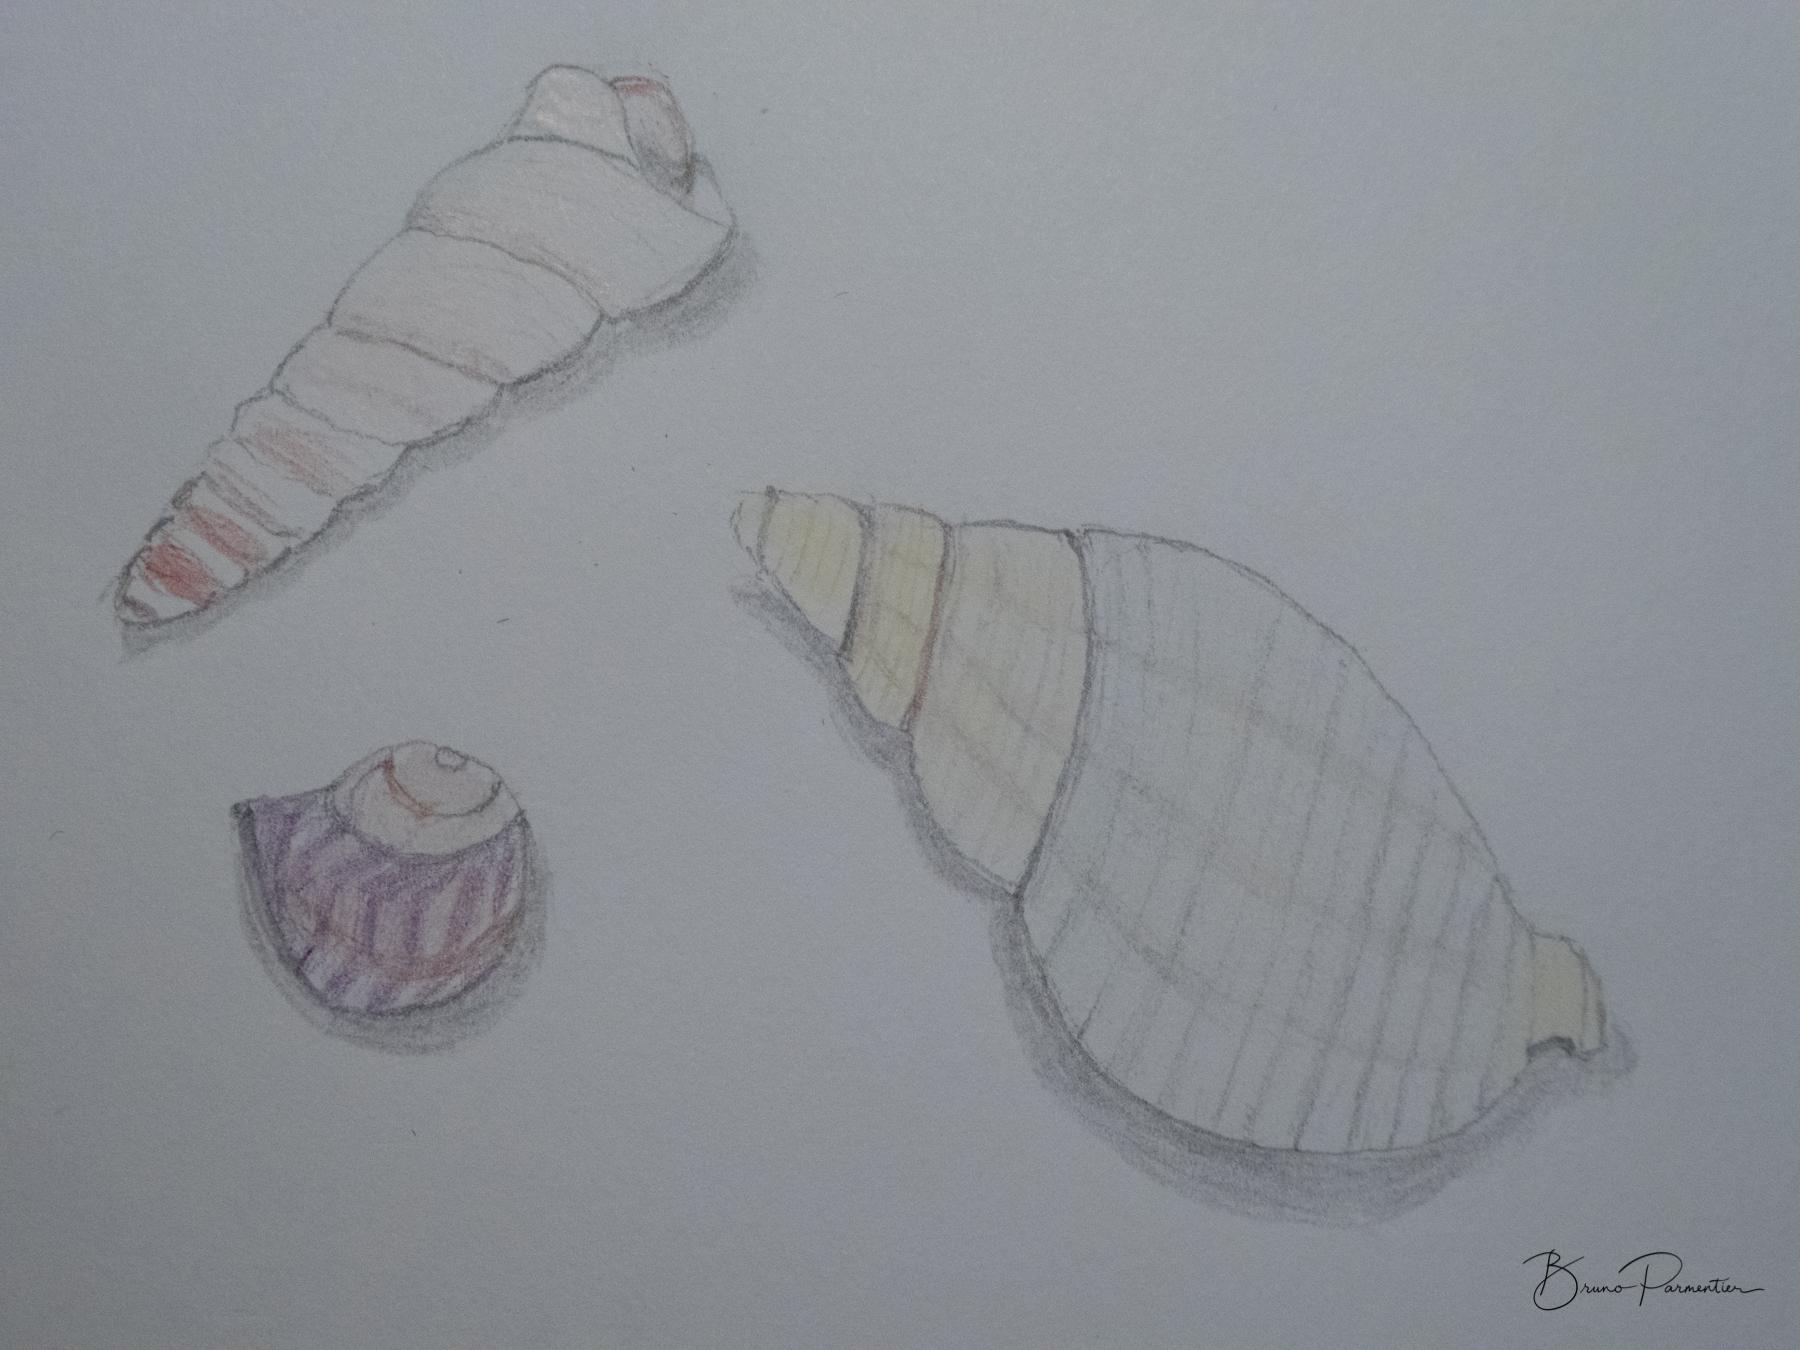 Trois coquillages (crayon et crayon de couleur - d'après nature - 06.03.2018)